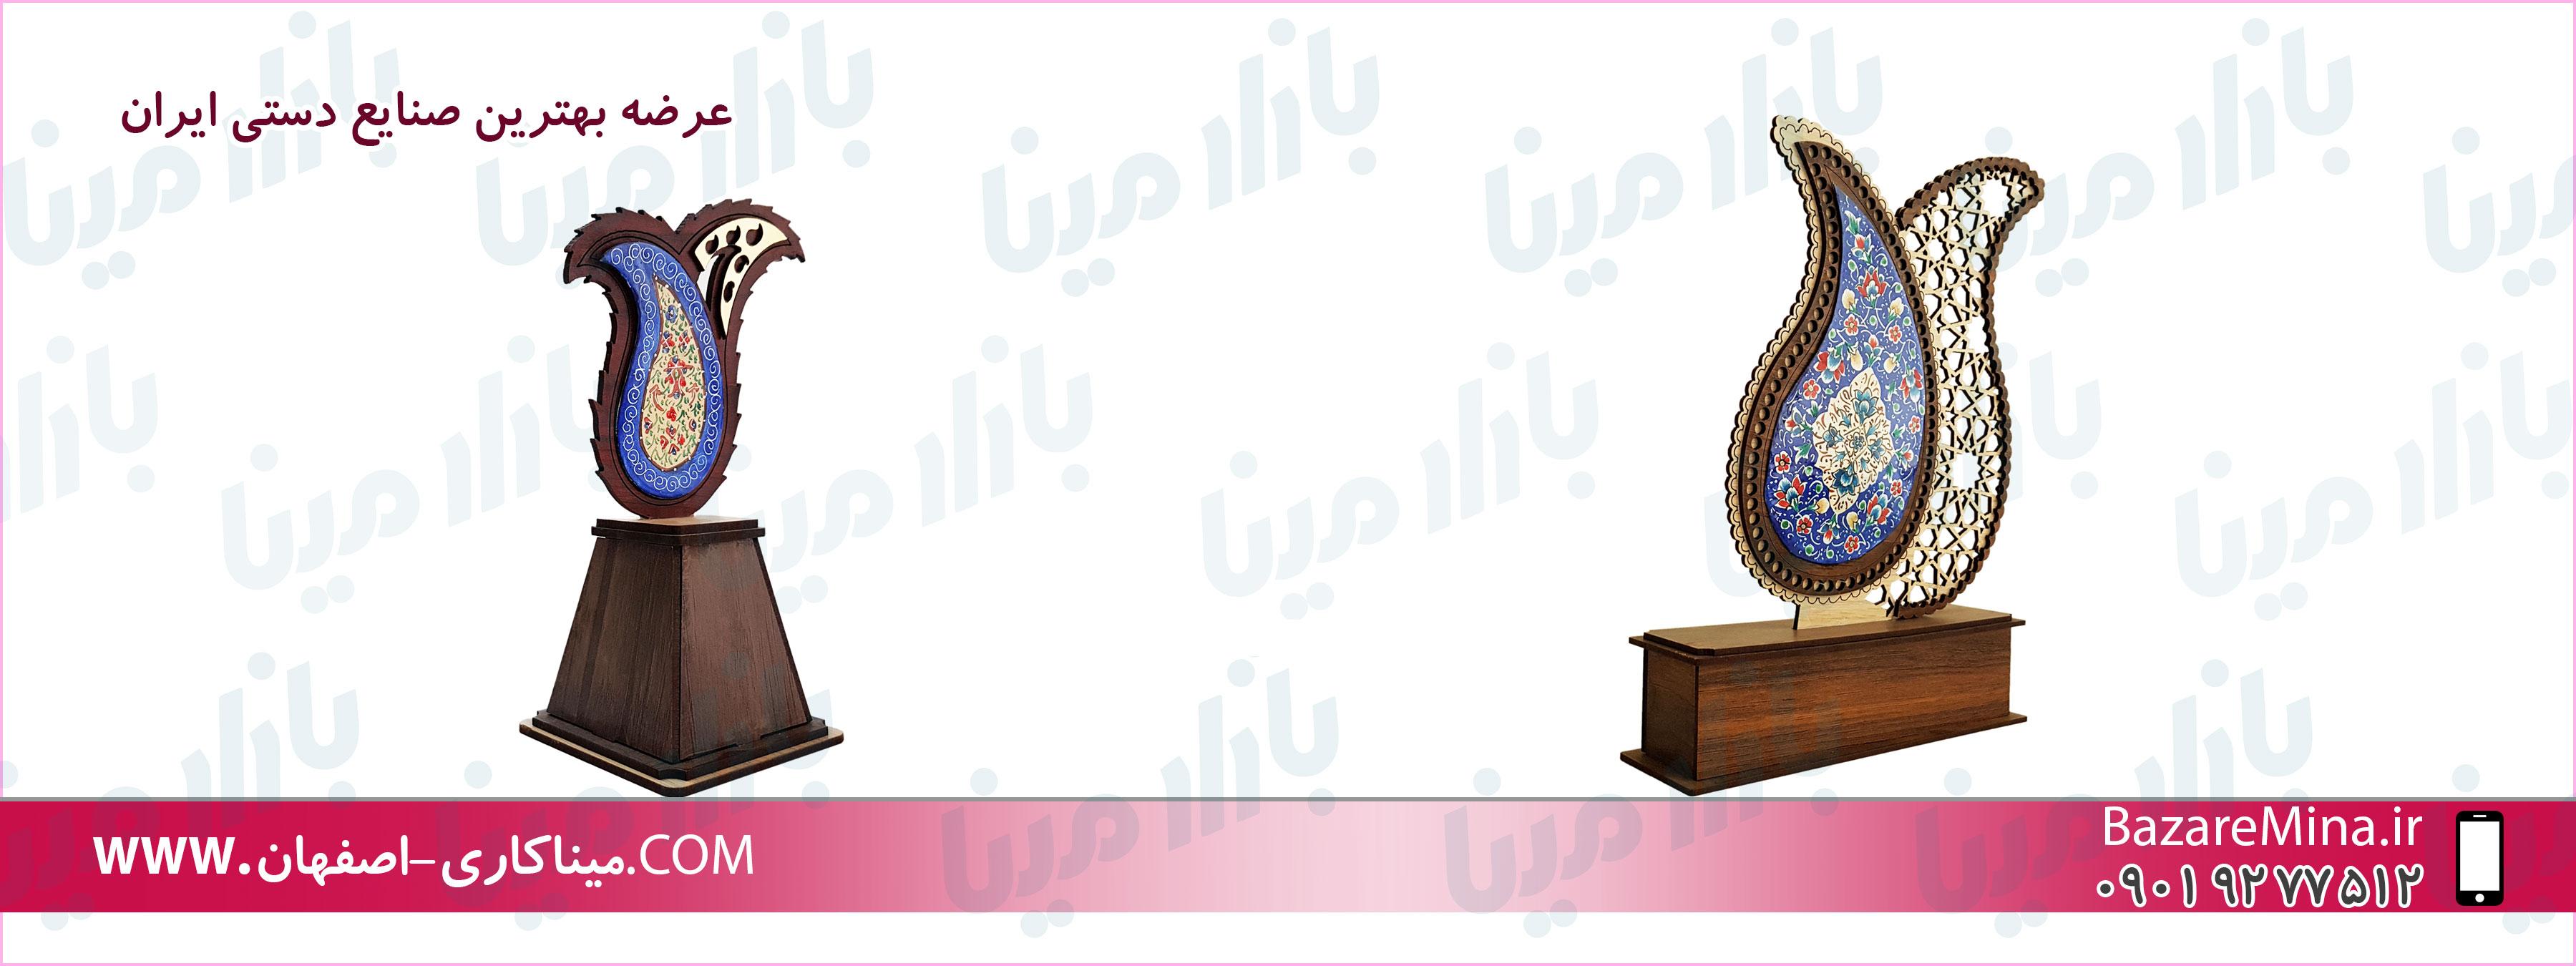 صنایع دستی اصفهان میناکاری